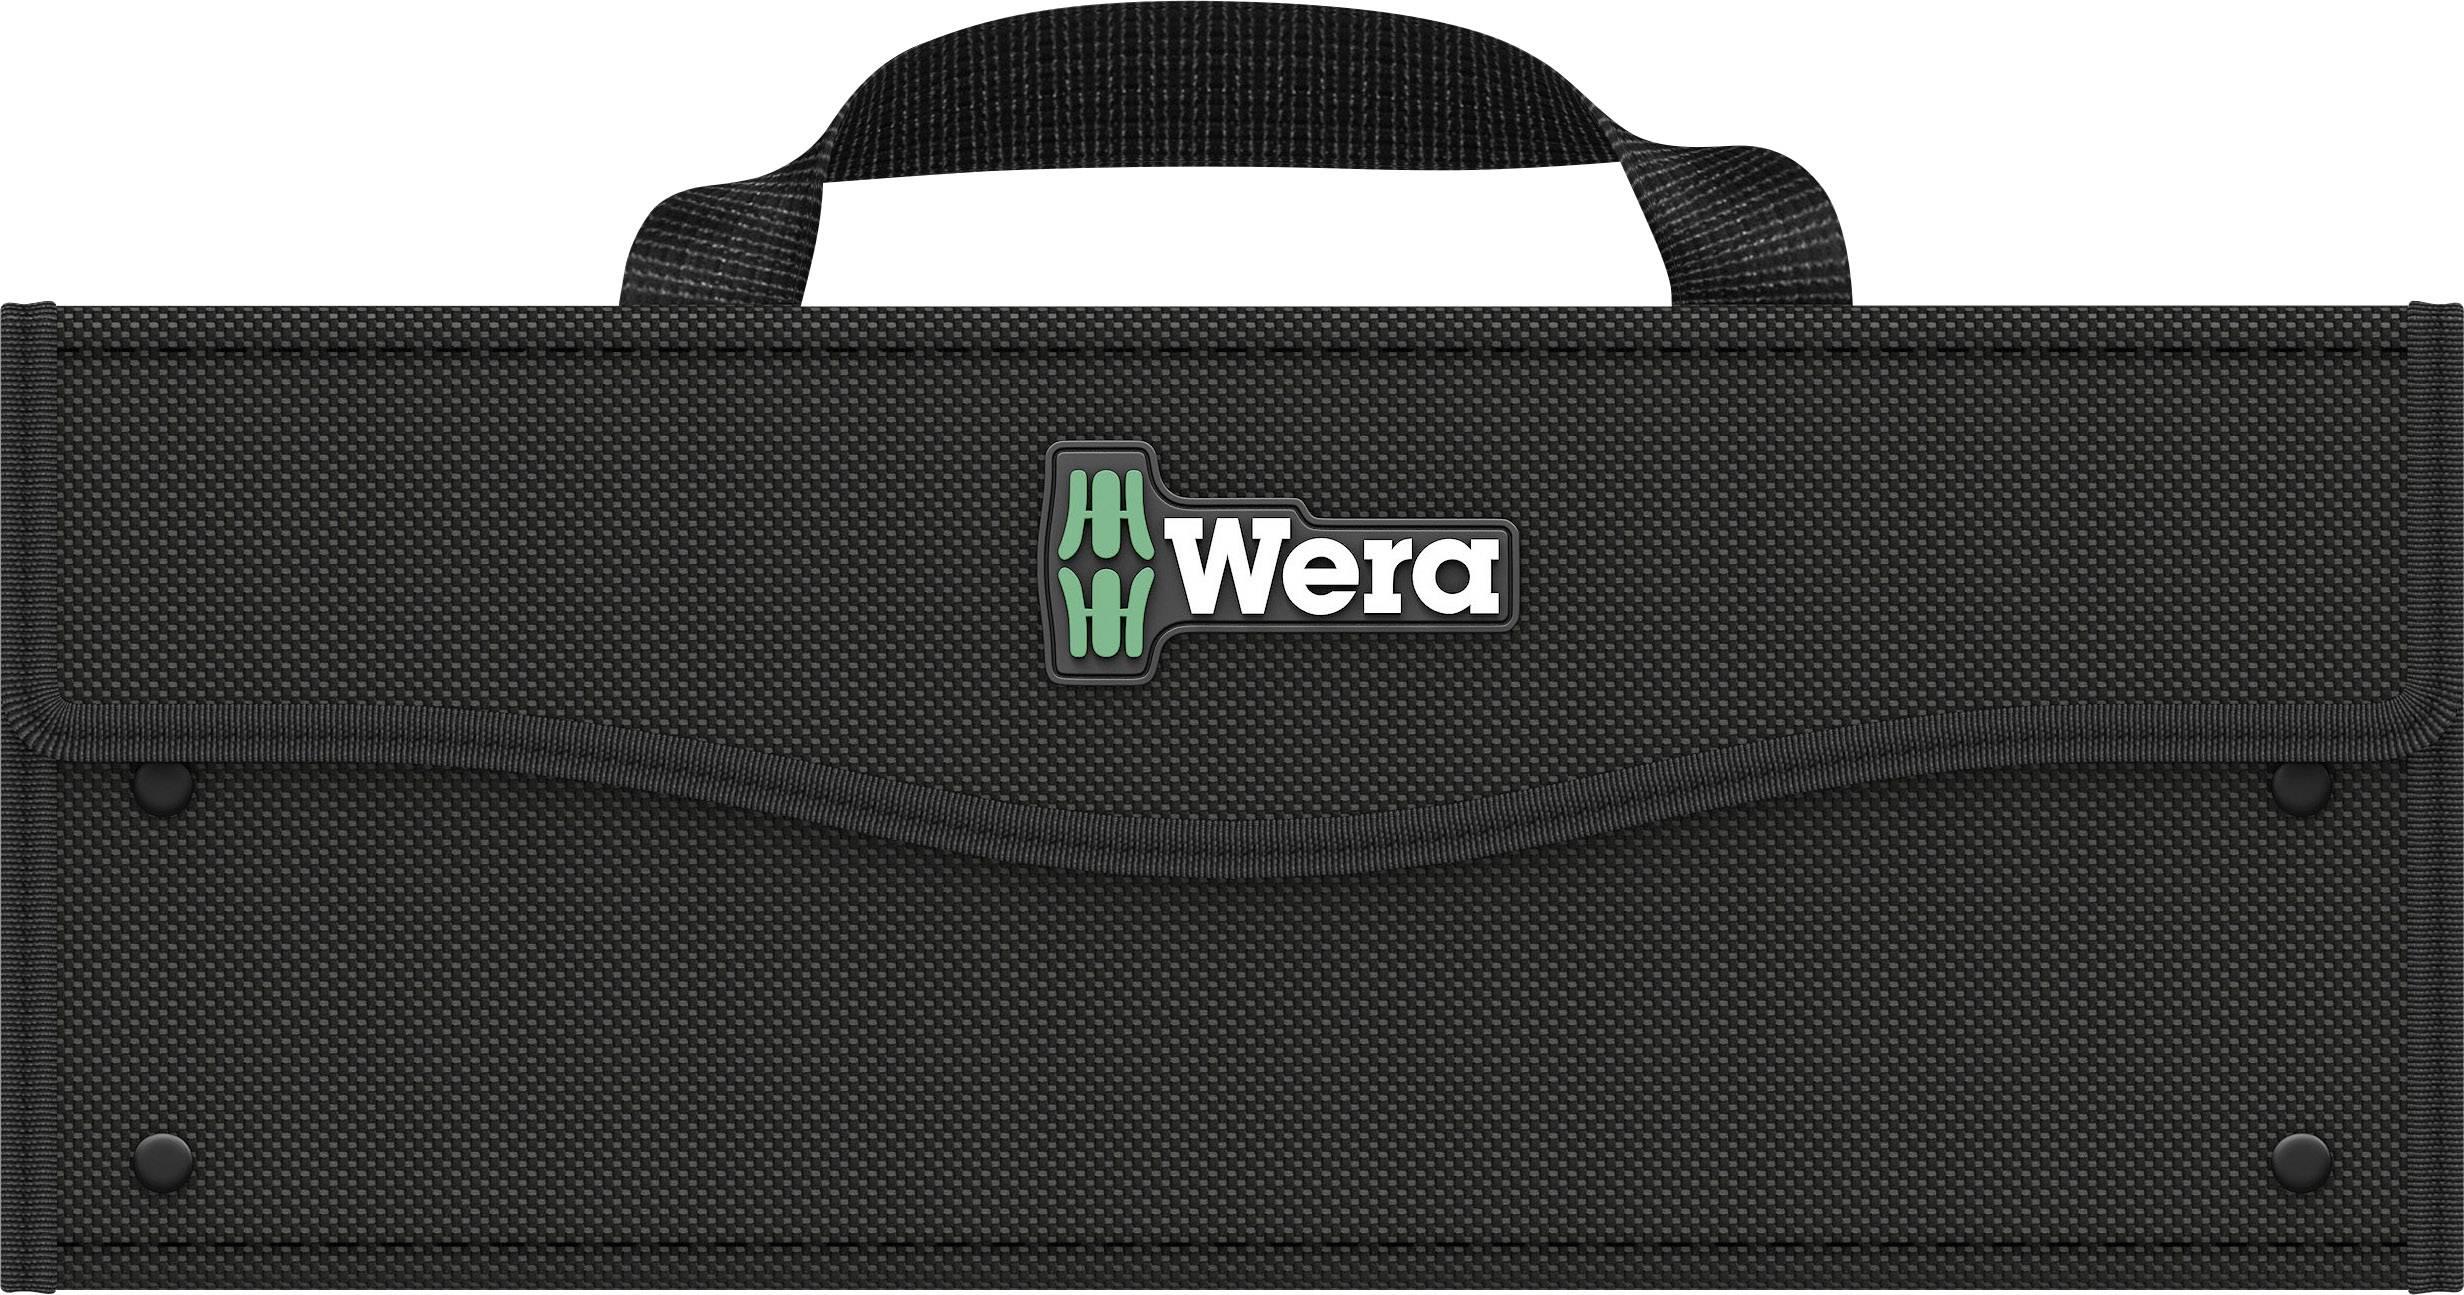 Transportní kufr Wera 2go 3 05004352001, (š x v x h) 325 x 130 x 80 mm